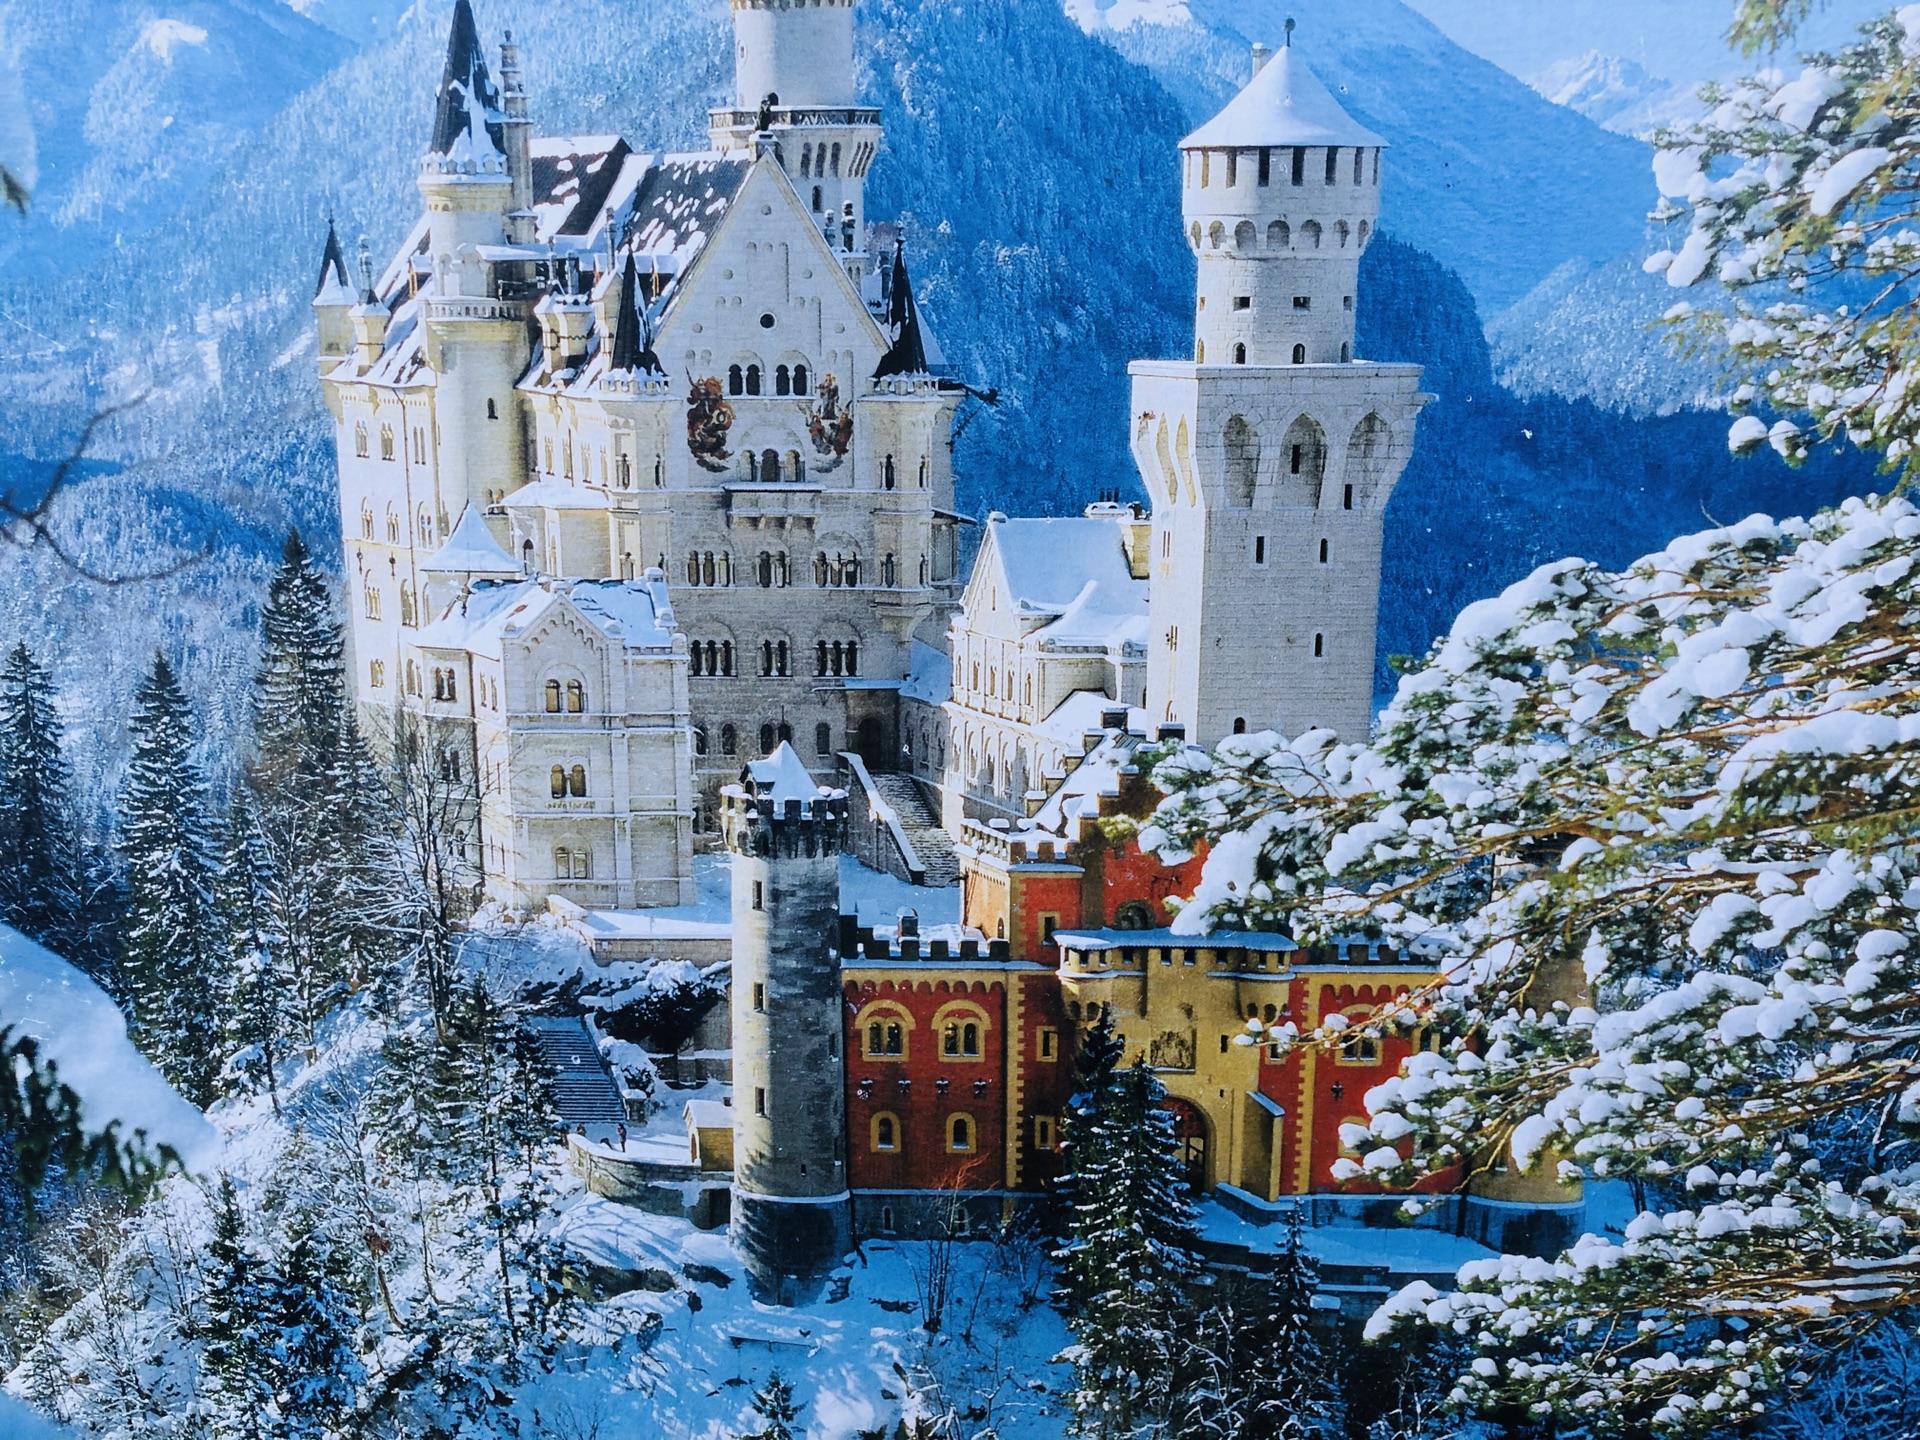 西欧之旅:德法意瑞 家人新年休闲游 DAY11(德国 天鹅堡)